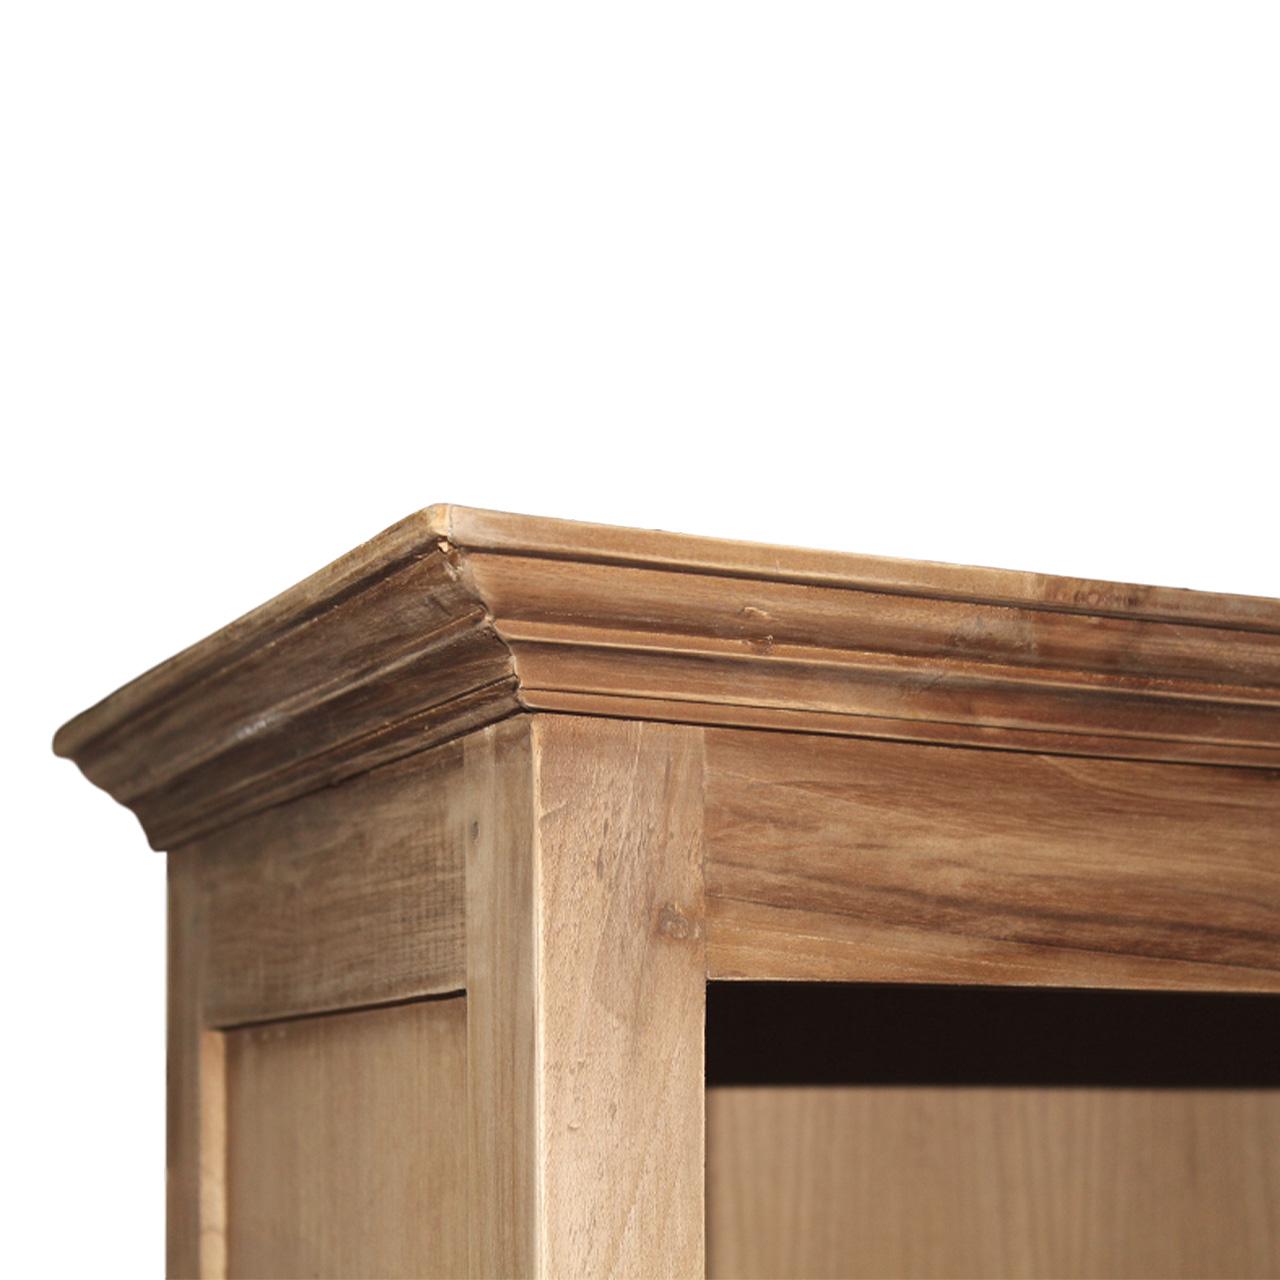 Wooden Art Büchherregal mit Leiter